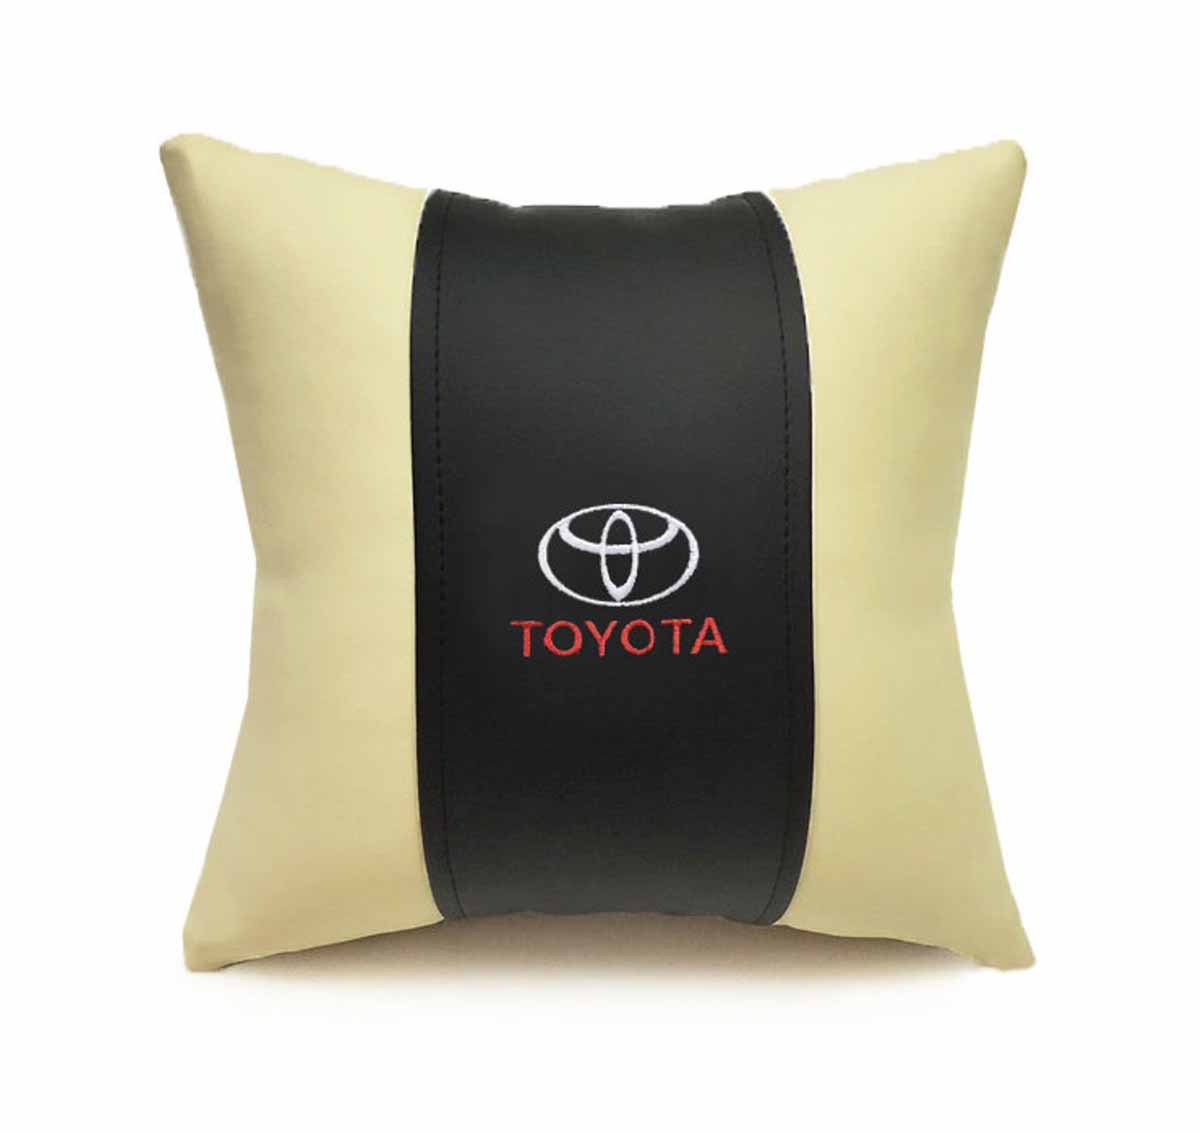 Подушка декоративная Auto Premium Toyota, цвет: черный, бежевый подушка декоративная auto premium я патриот цвет черно бежевый 37257